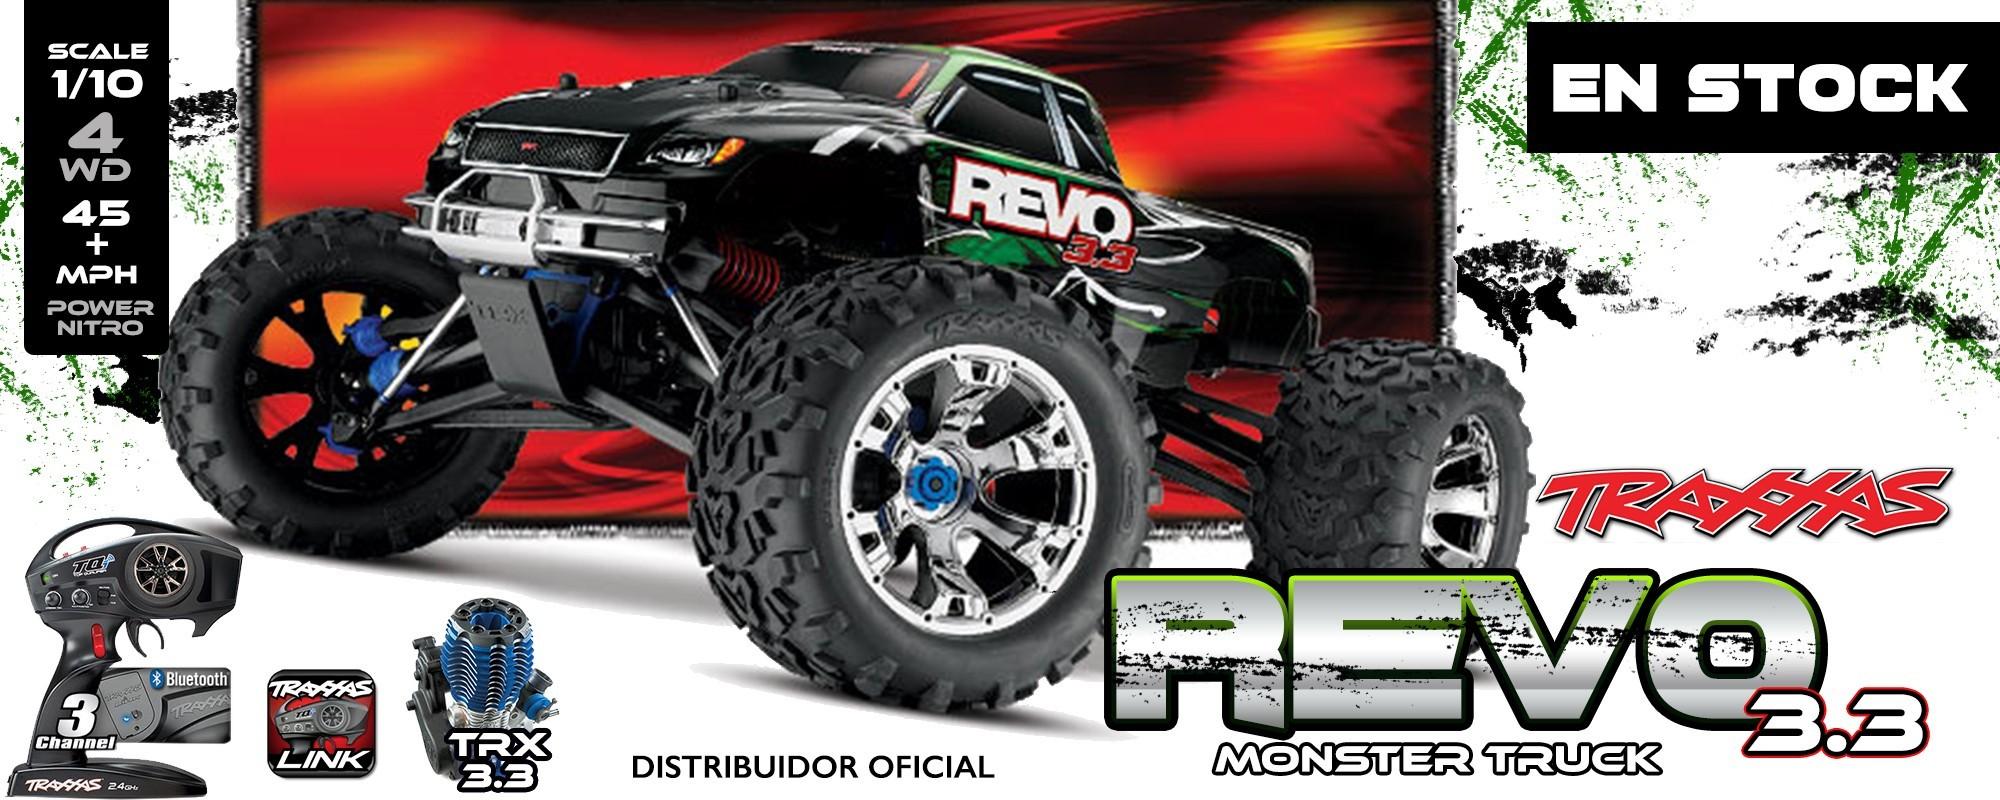 REVO 3.3